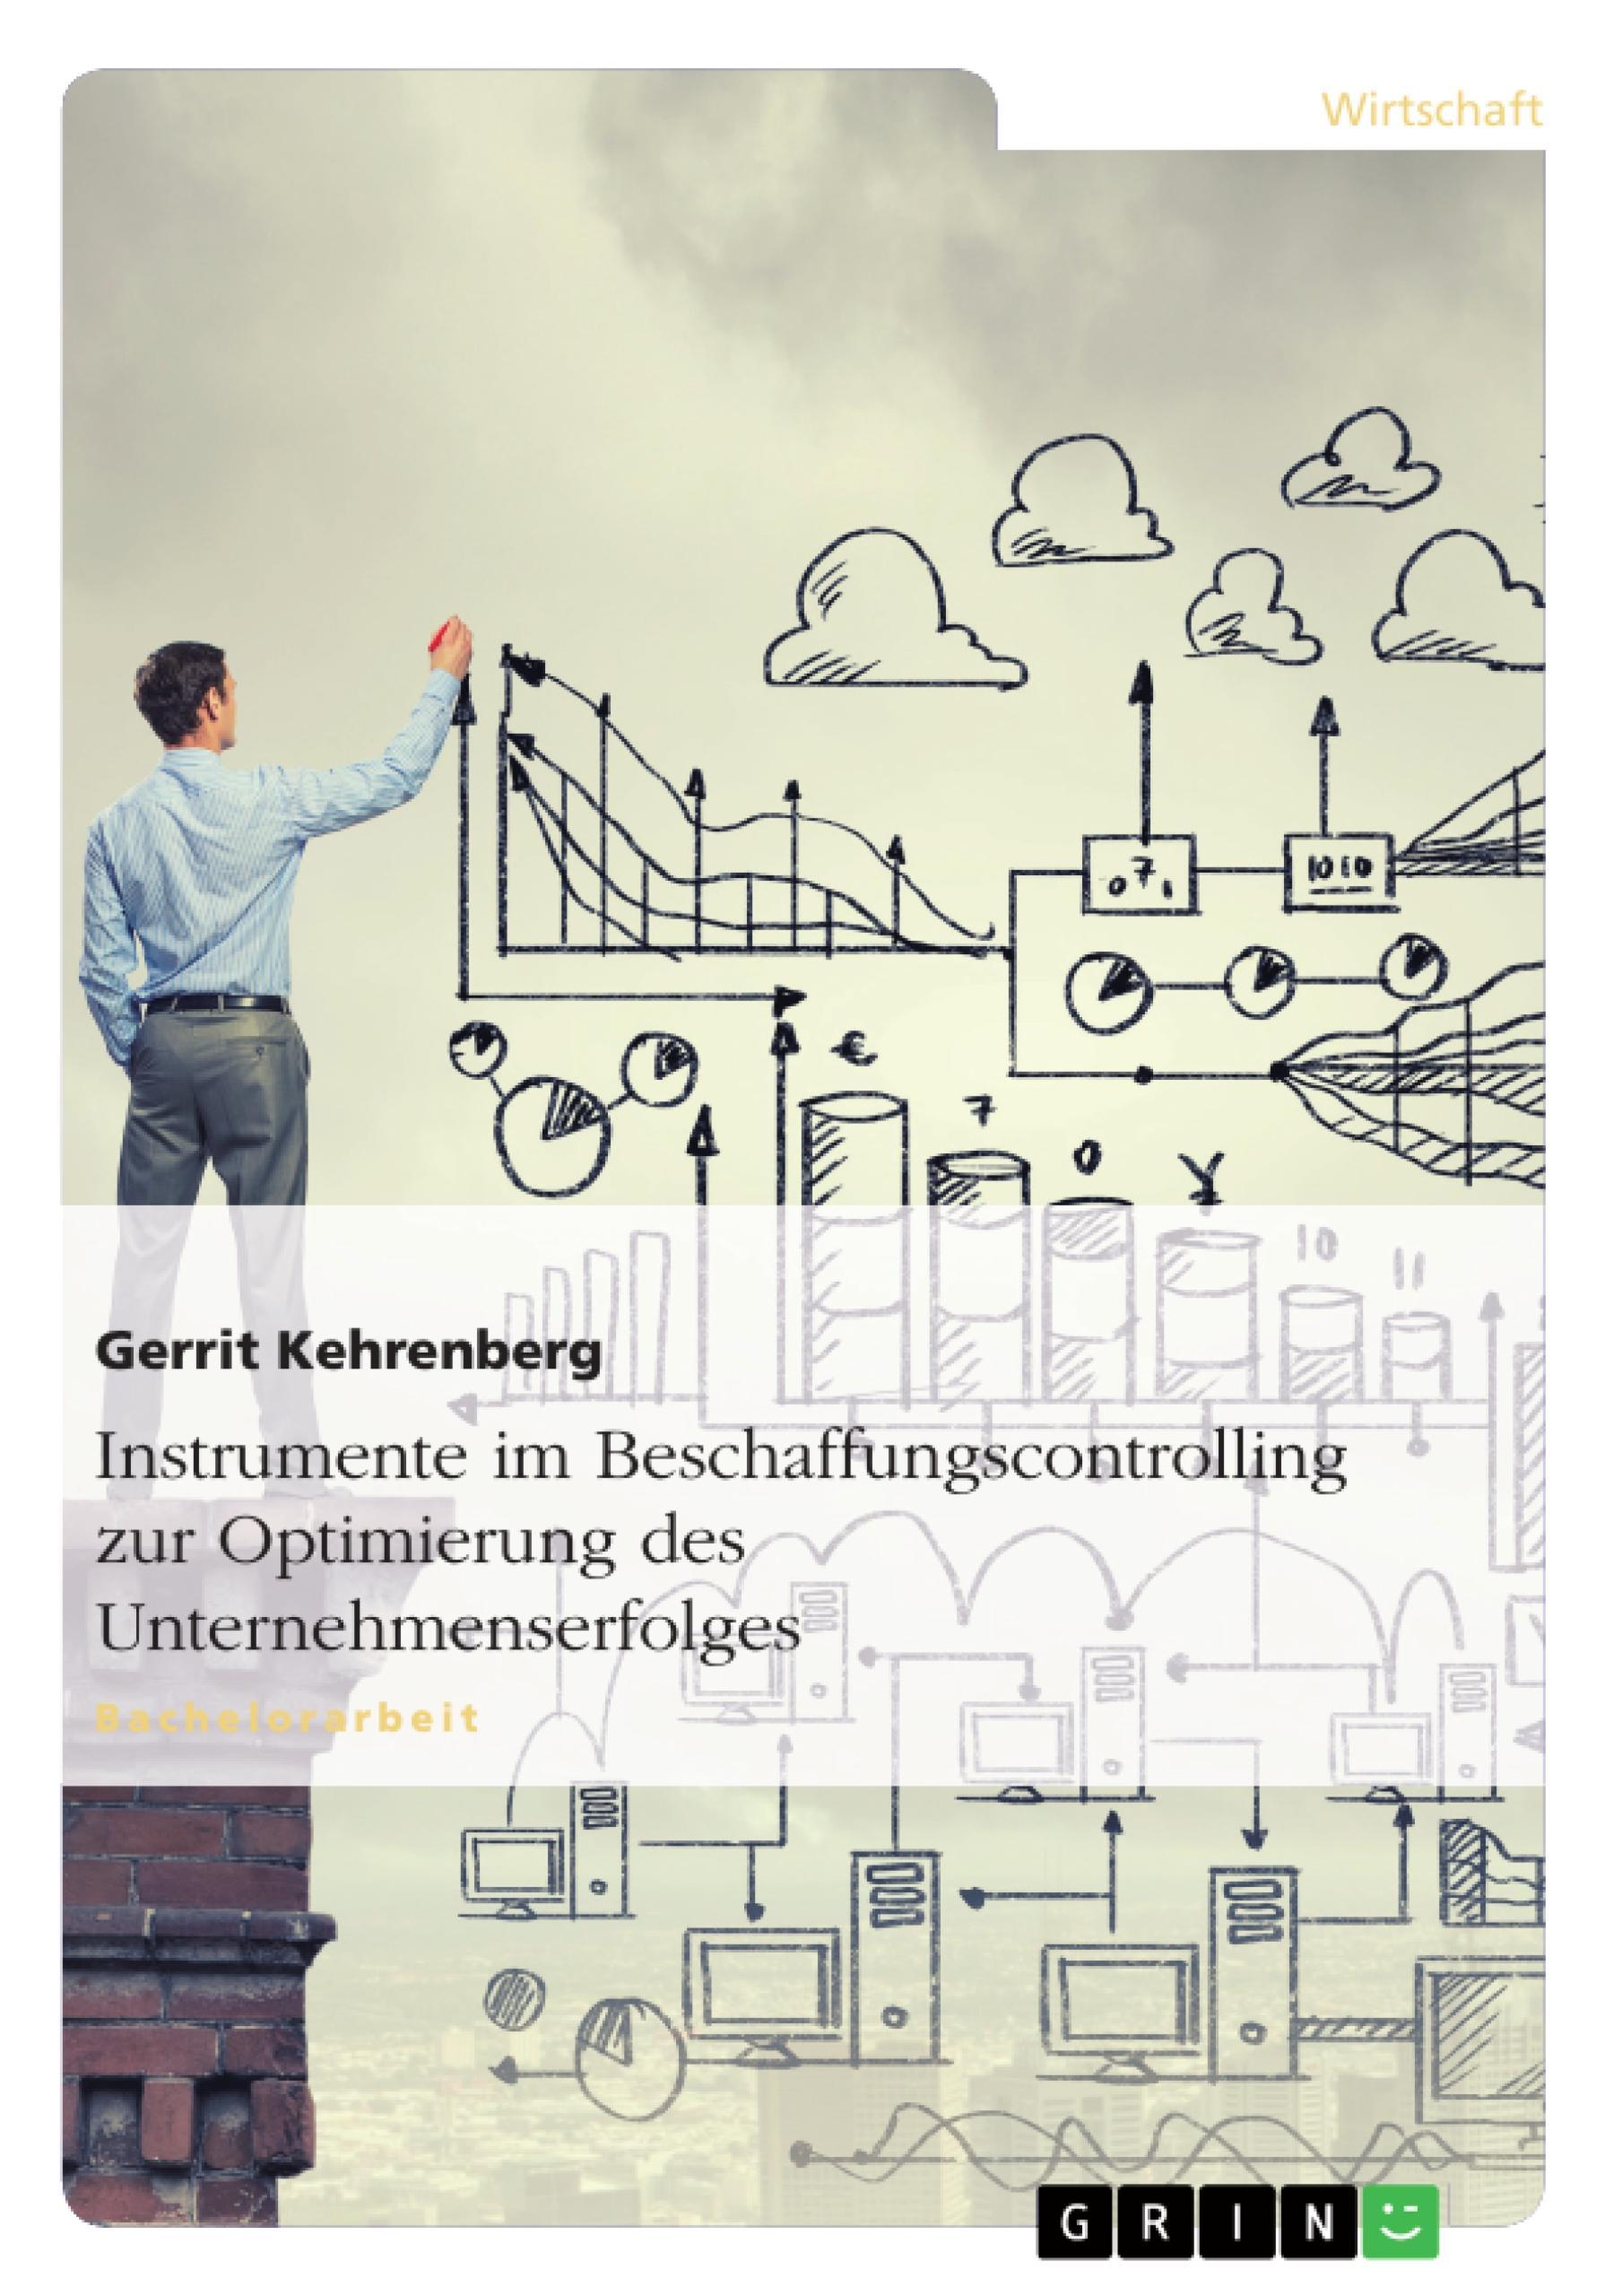 Instrumente im Beschaffungscontrolling zur Optimierung des Unternehmenserfolges  Gerrit Kehrenberg  Taschenbuch  Deutsch  2010 - Kehrenberg, Gerrit